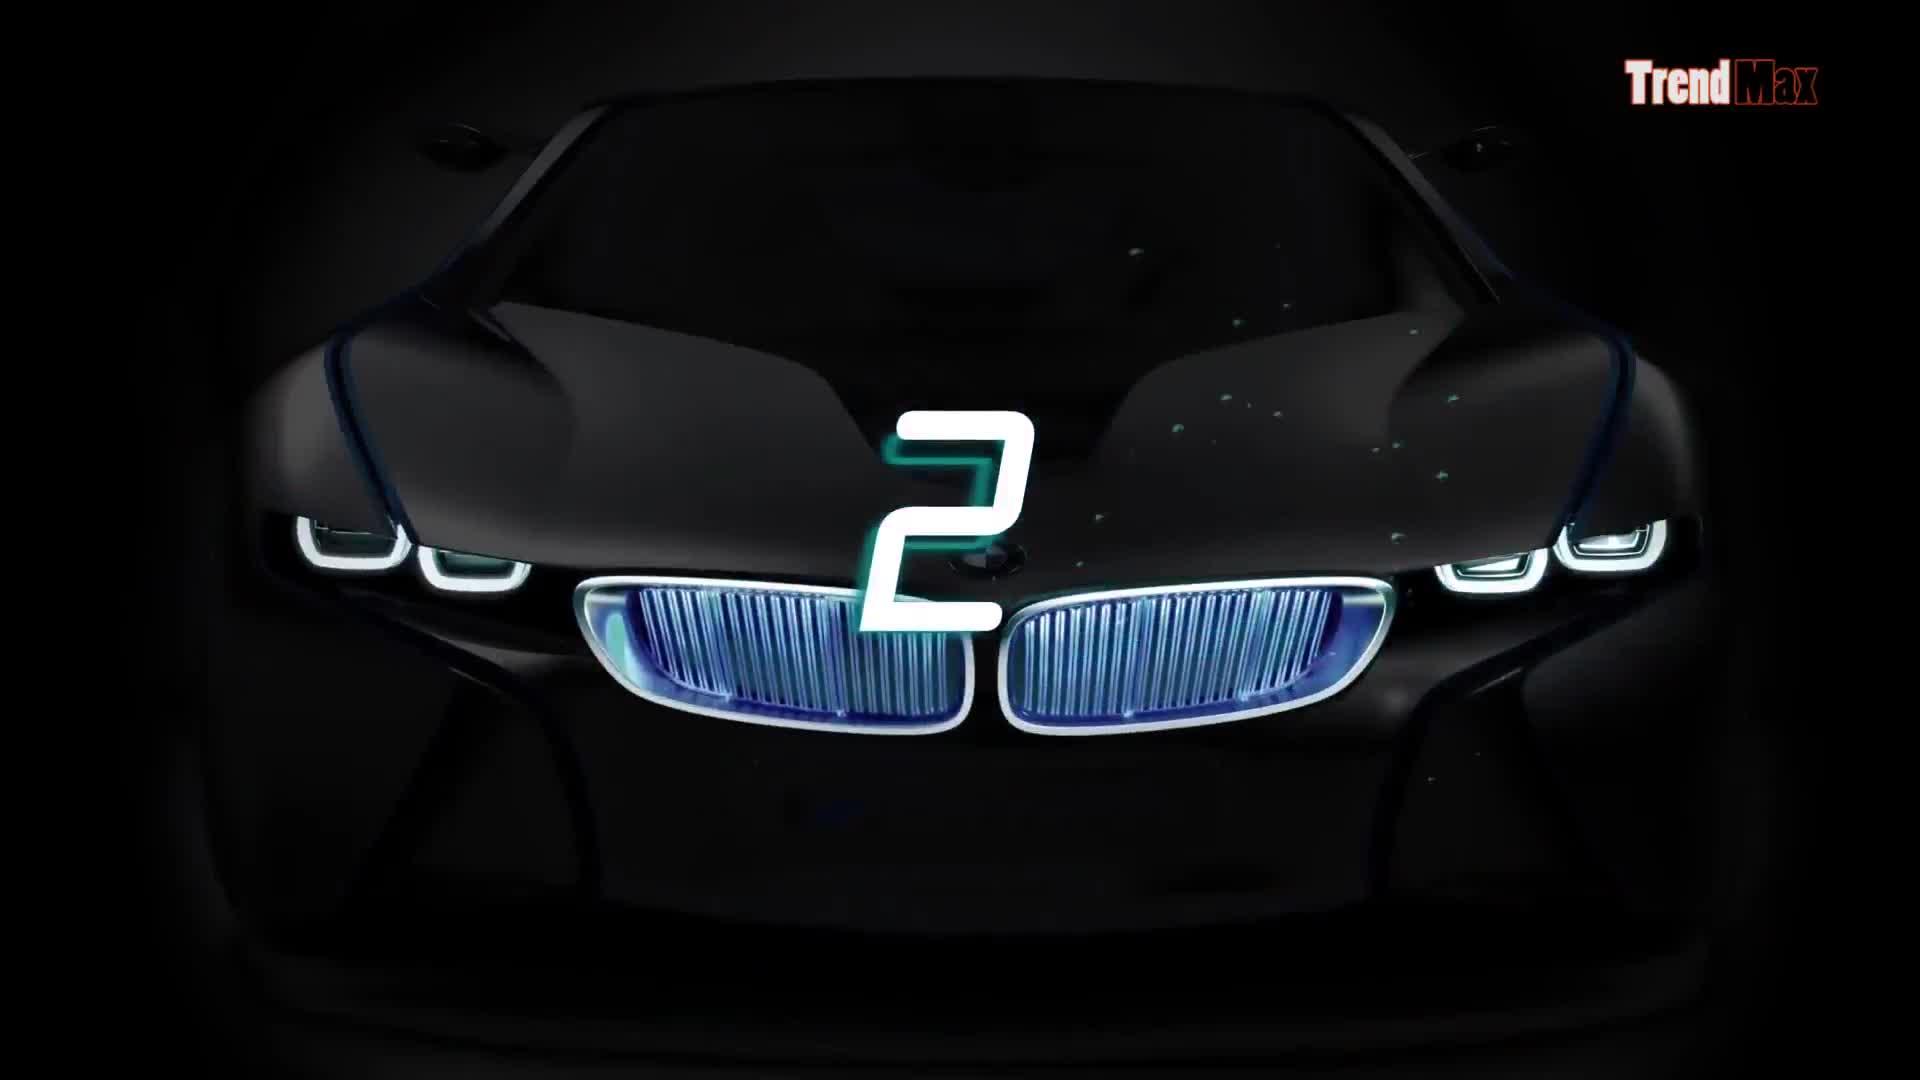 Điểm danh 10 chiếc xe ô tô nhanh nhất thế giới